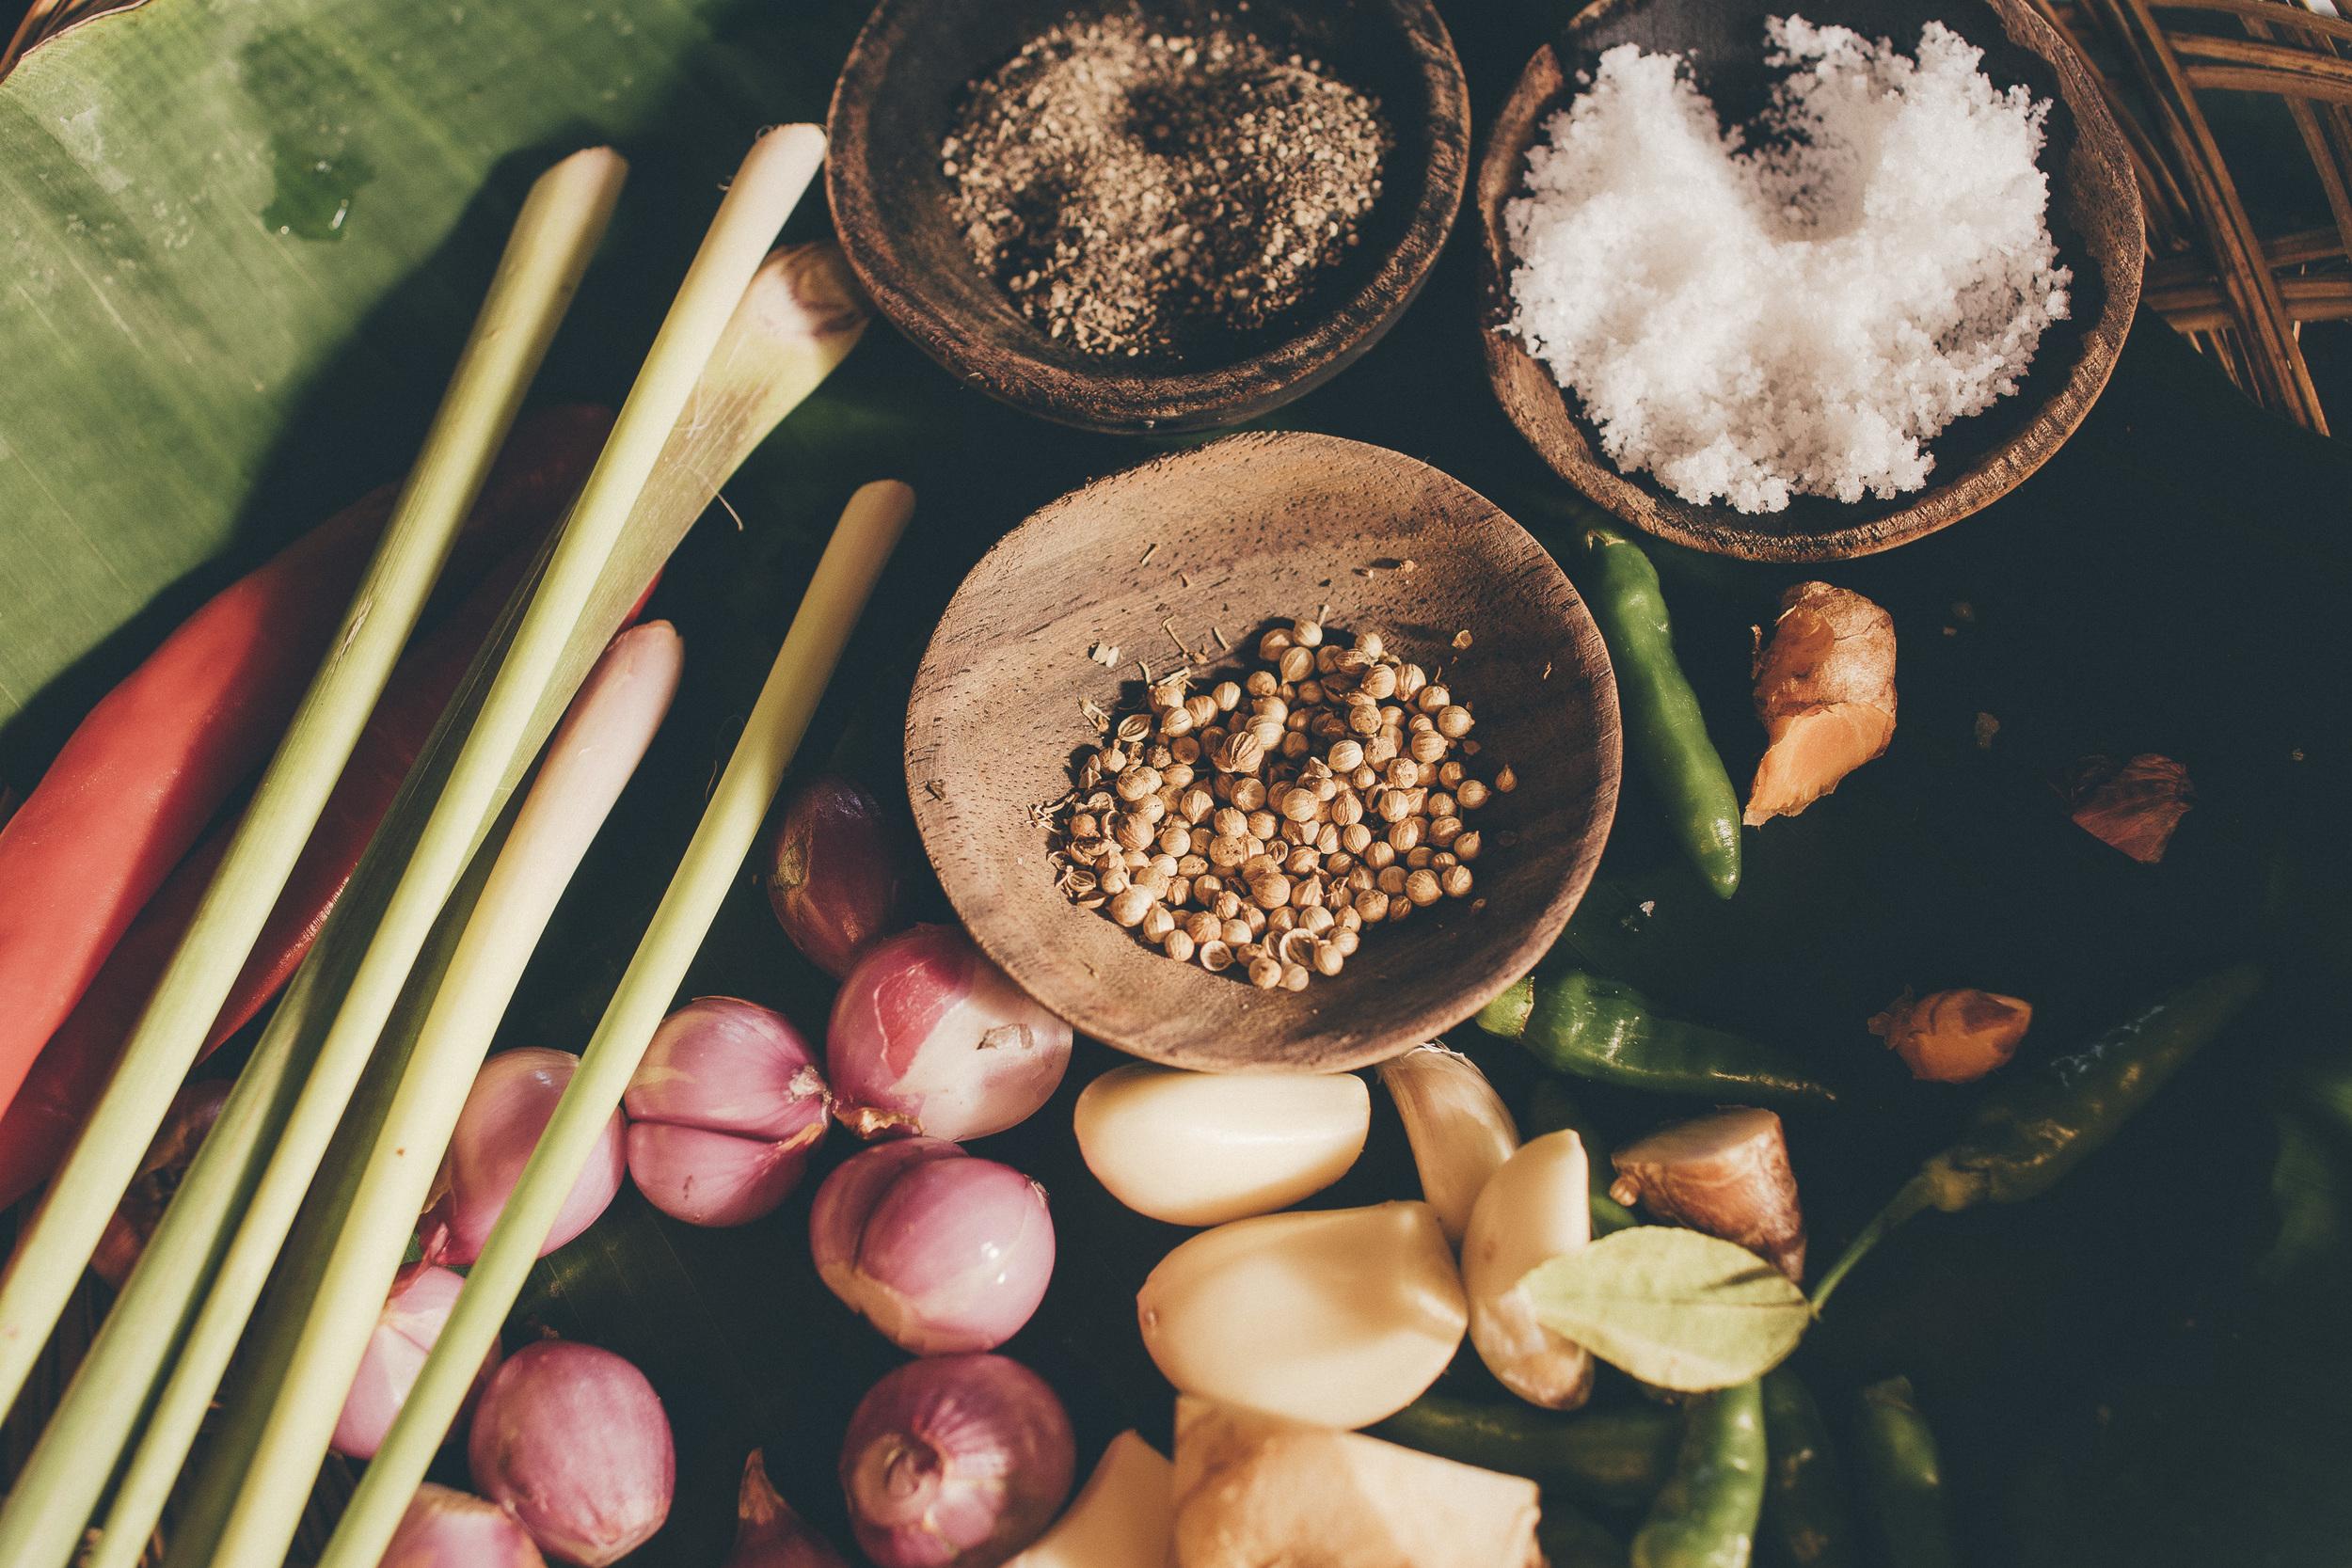 Kokkaussessio Sarinbuanassa, työn alla paikallinen herkku Pepes Ikan. Pepes tarkoittaa ruuan valmistustapaa, jossa kala, kana tai tofu kypsennetään banaaninlehteen käärittynä.